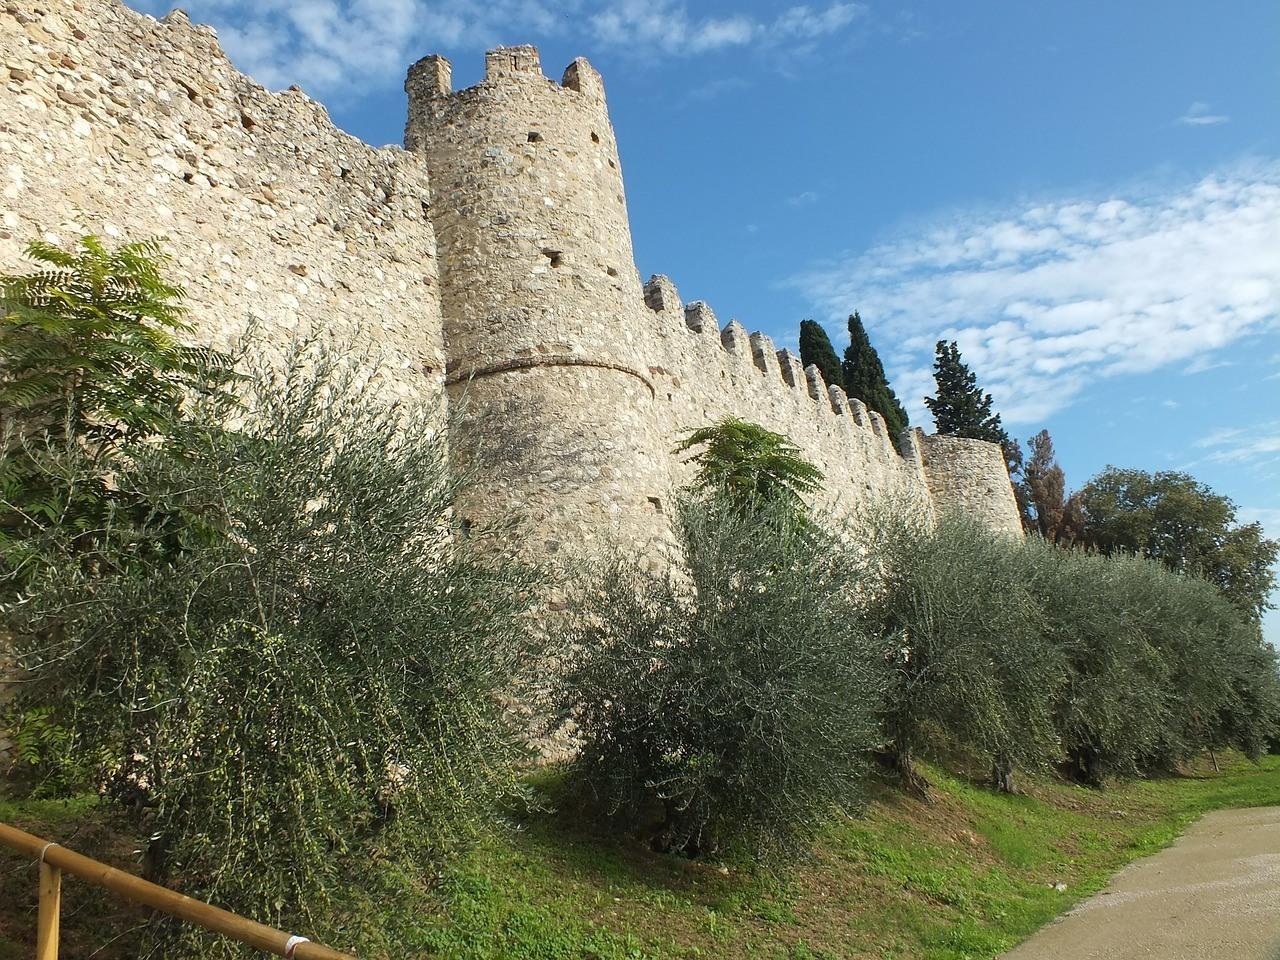 Moniga del Garda, Beliebte Urlaubsziele am Gardase